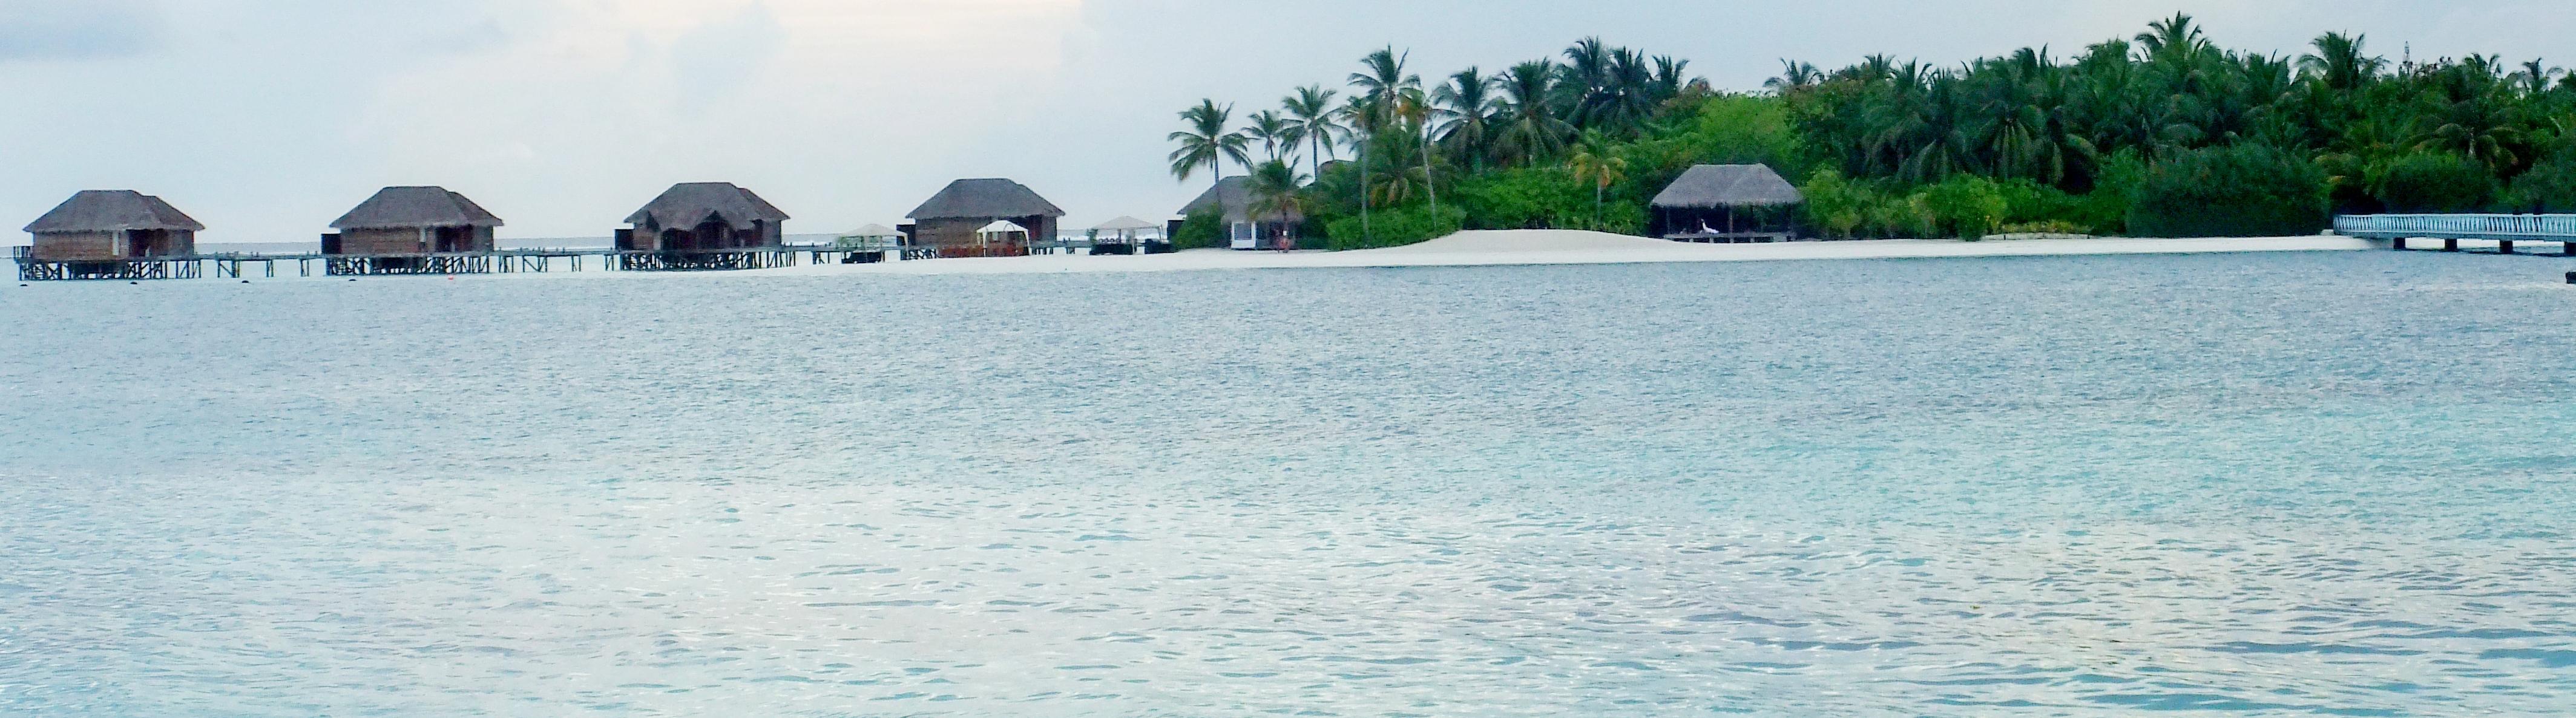 Maldiv Adaları Maldivler Balayı Turları